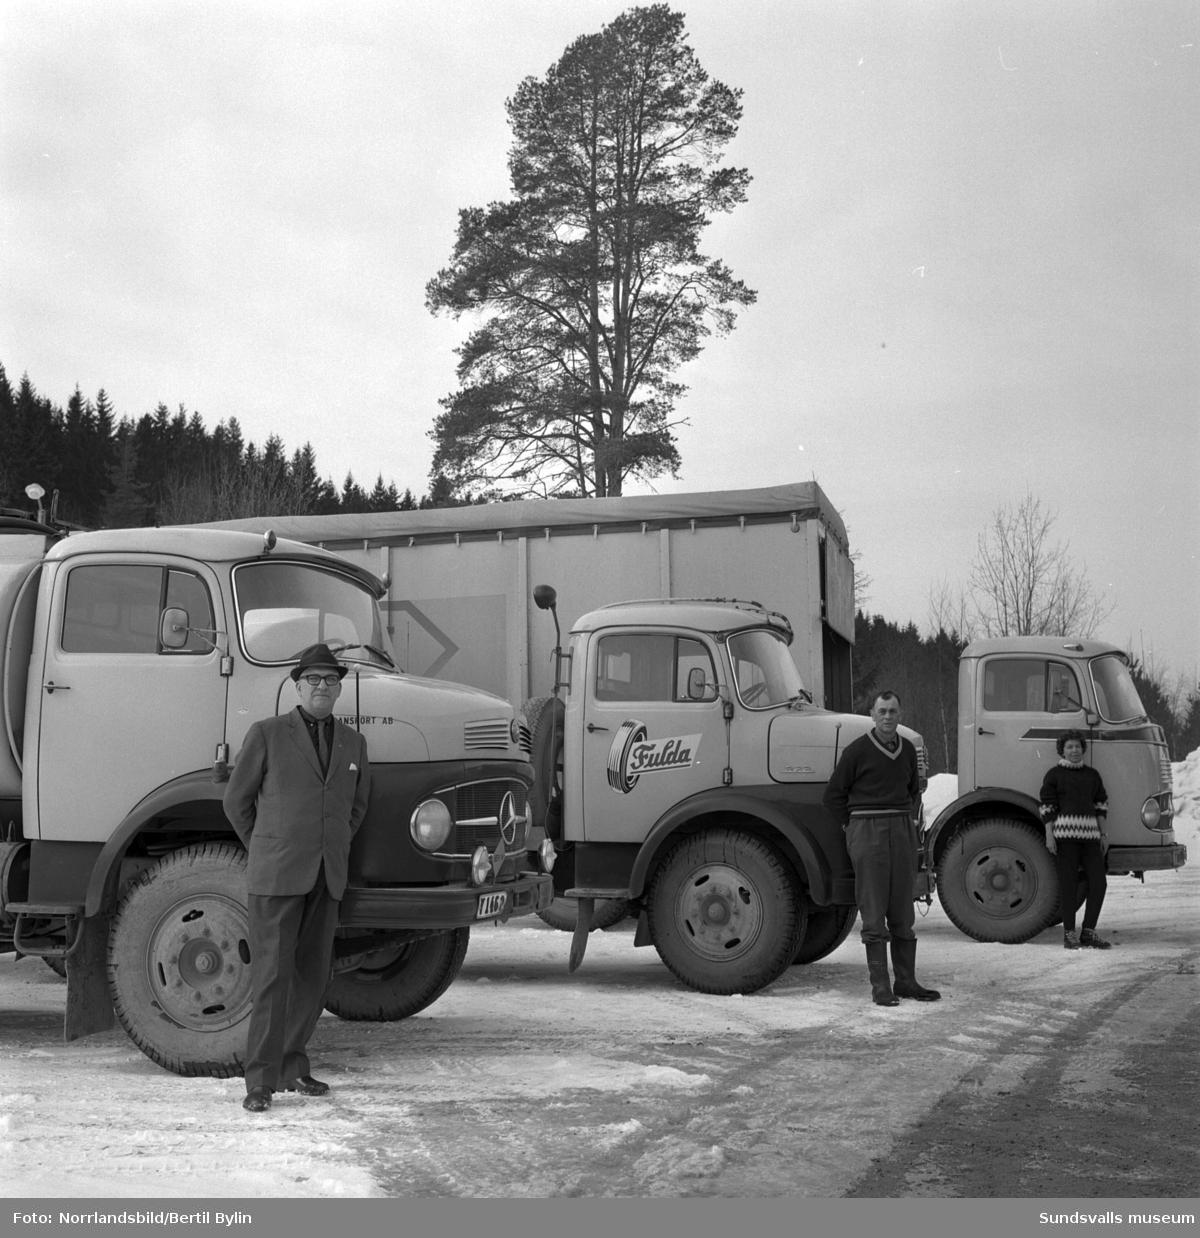 knut hlunds mercedes lastbilar njurunda transport ab sundsvalls museum digitaltmuseum. Black Bedroom Furniture Sets. Home Design Ideas